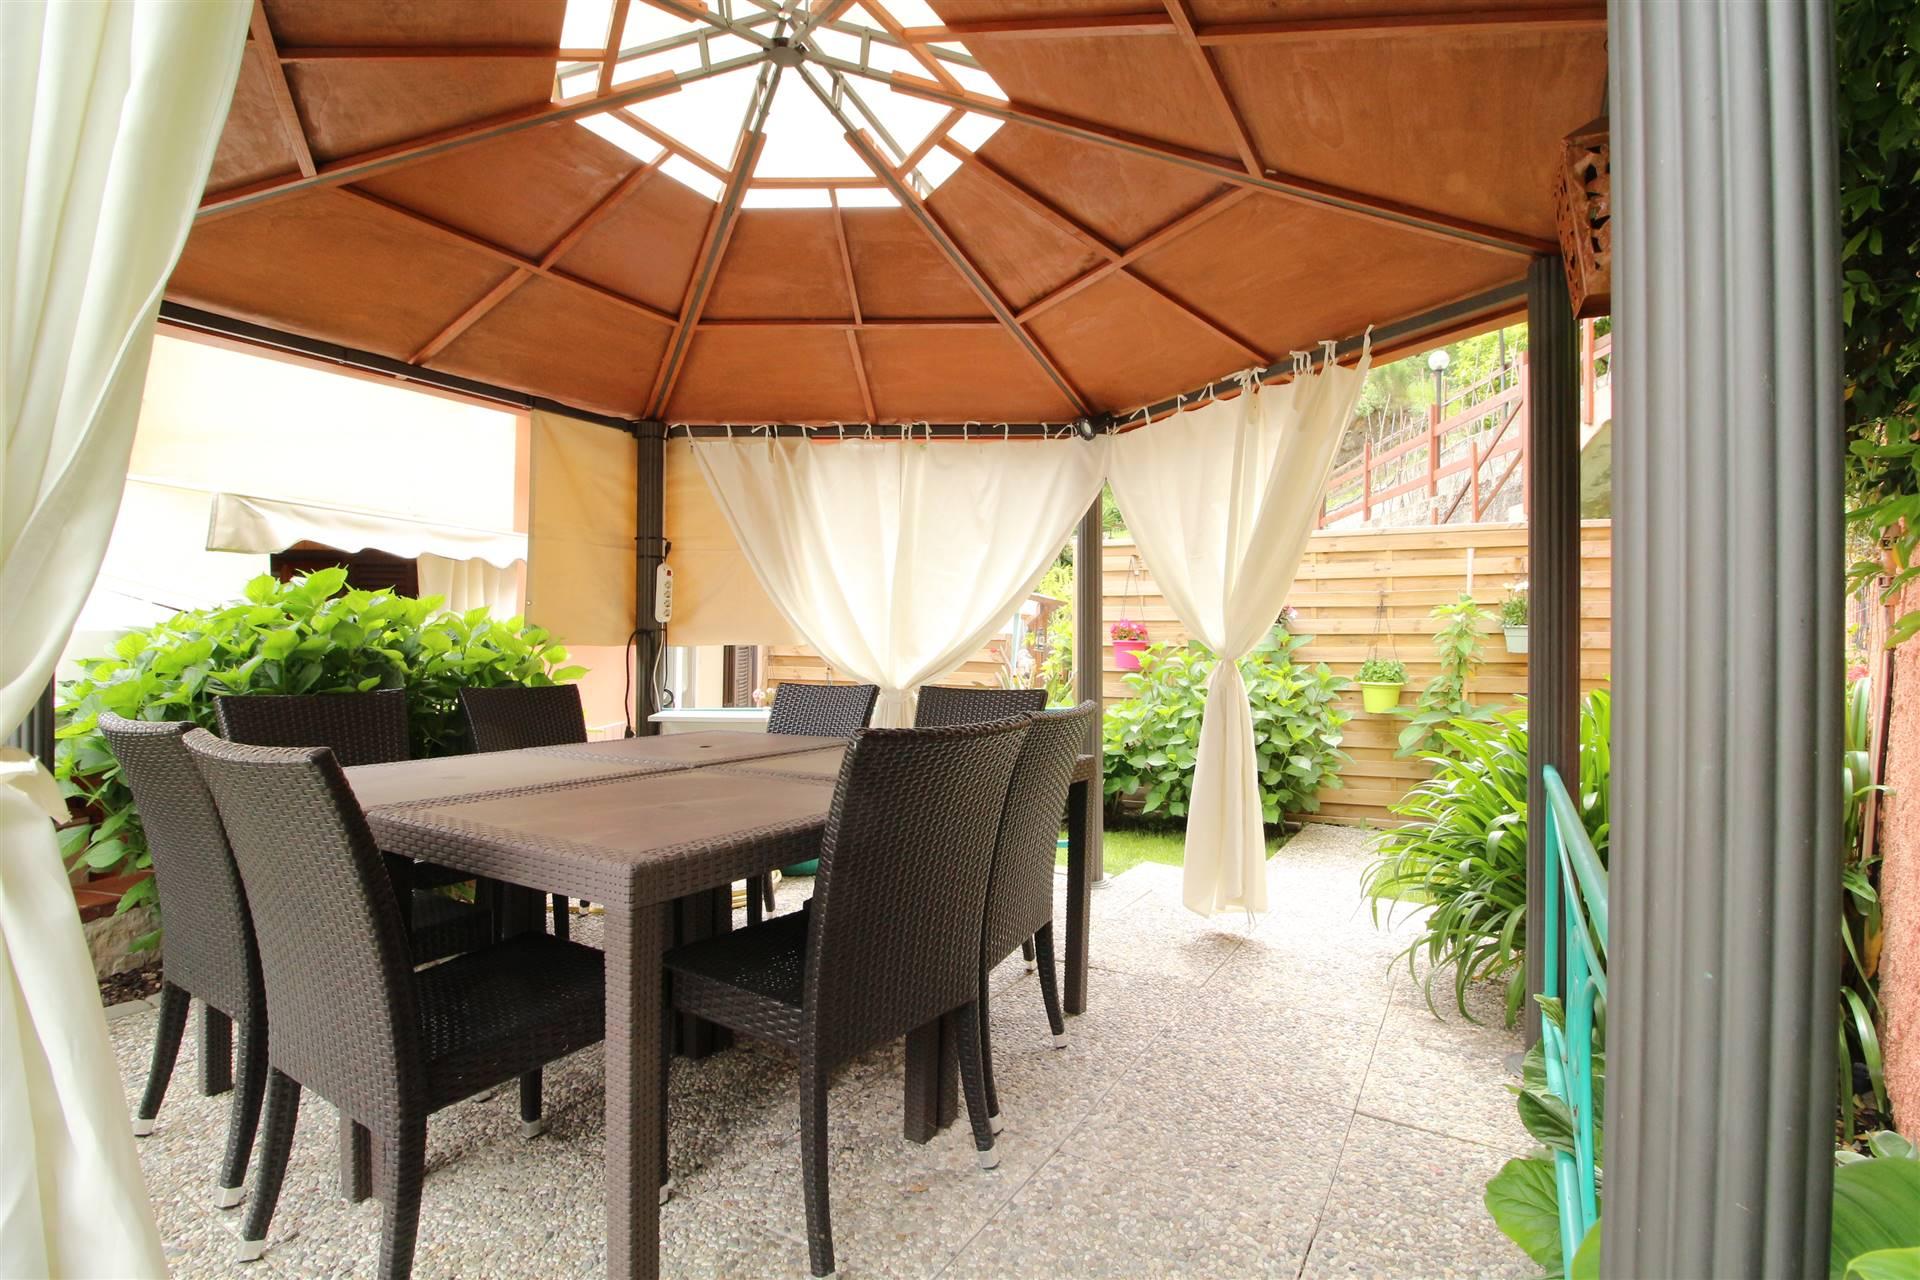 BEVERA, VENTIMIGLIA, Wohnung zu verkaufen von 129 Qm, Beste ausstattung, Heizung Unabhaengig, Energie-klasse: G, am boden 1°, zusammengestellt von: 7